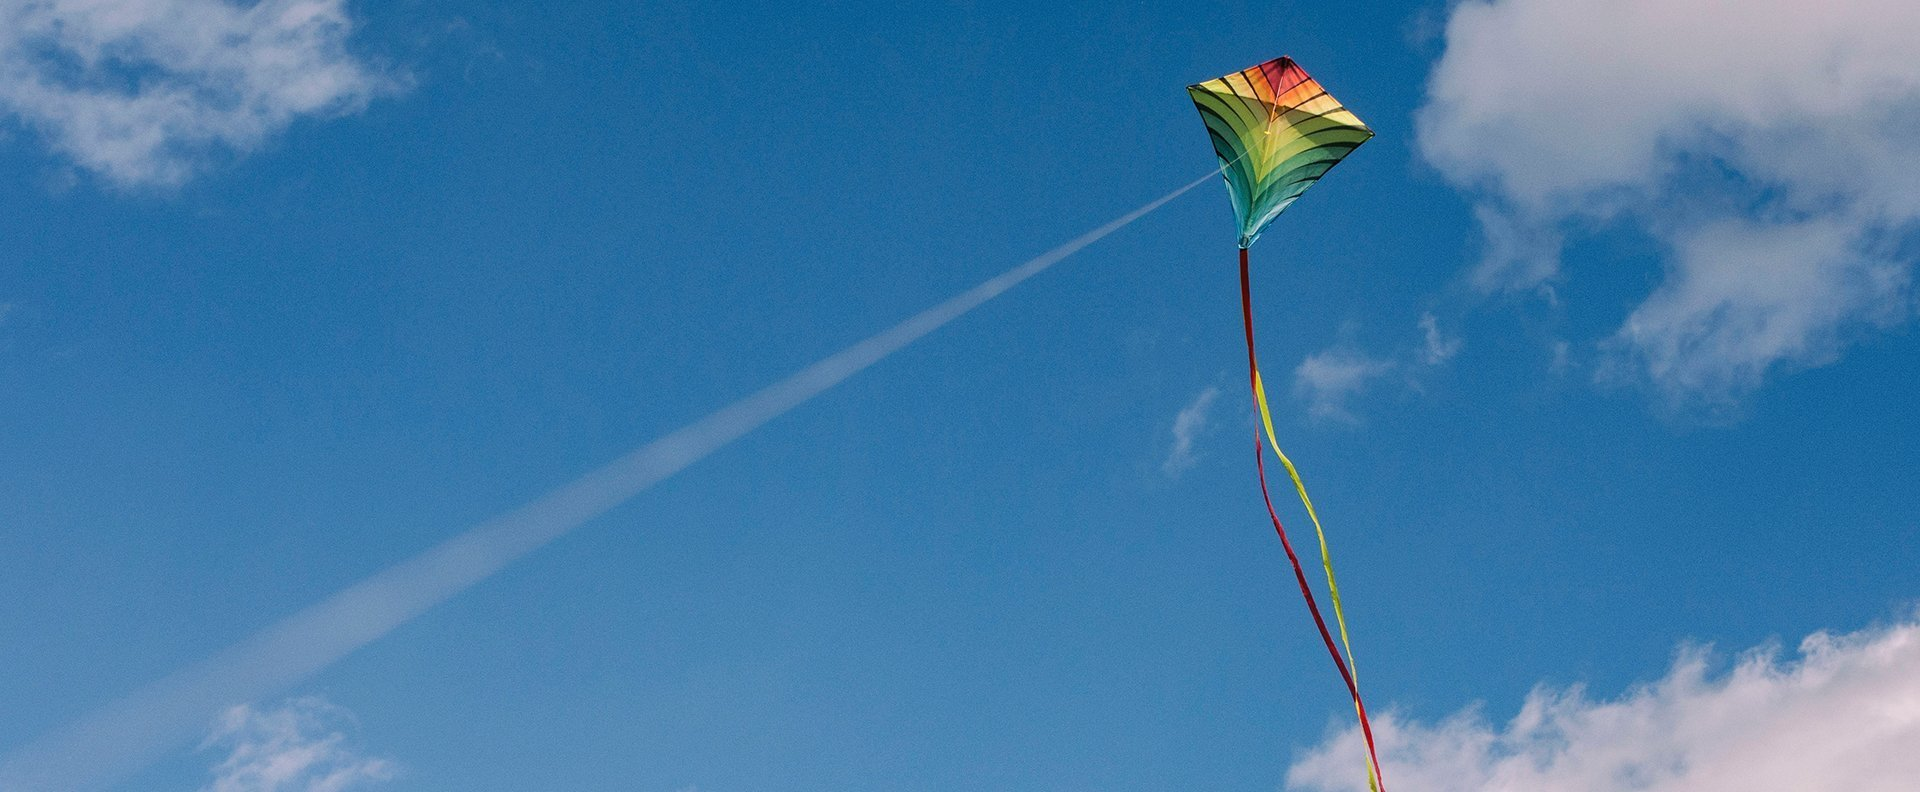 kite_1920x792